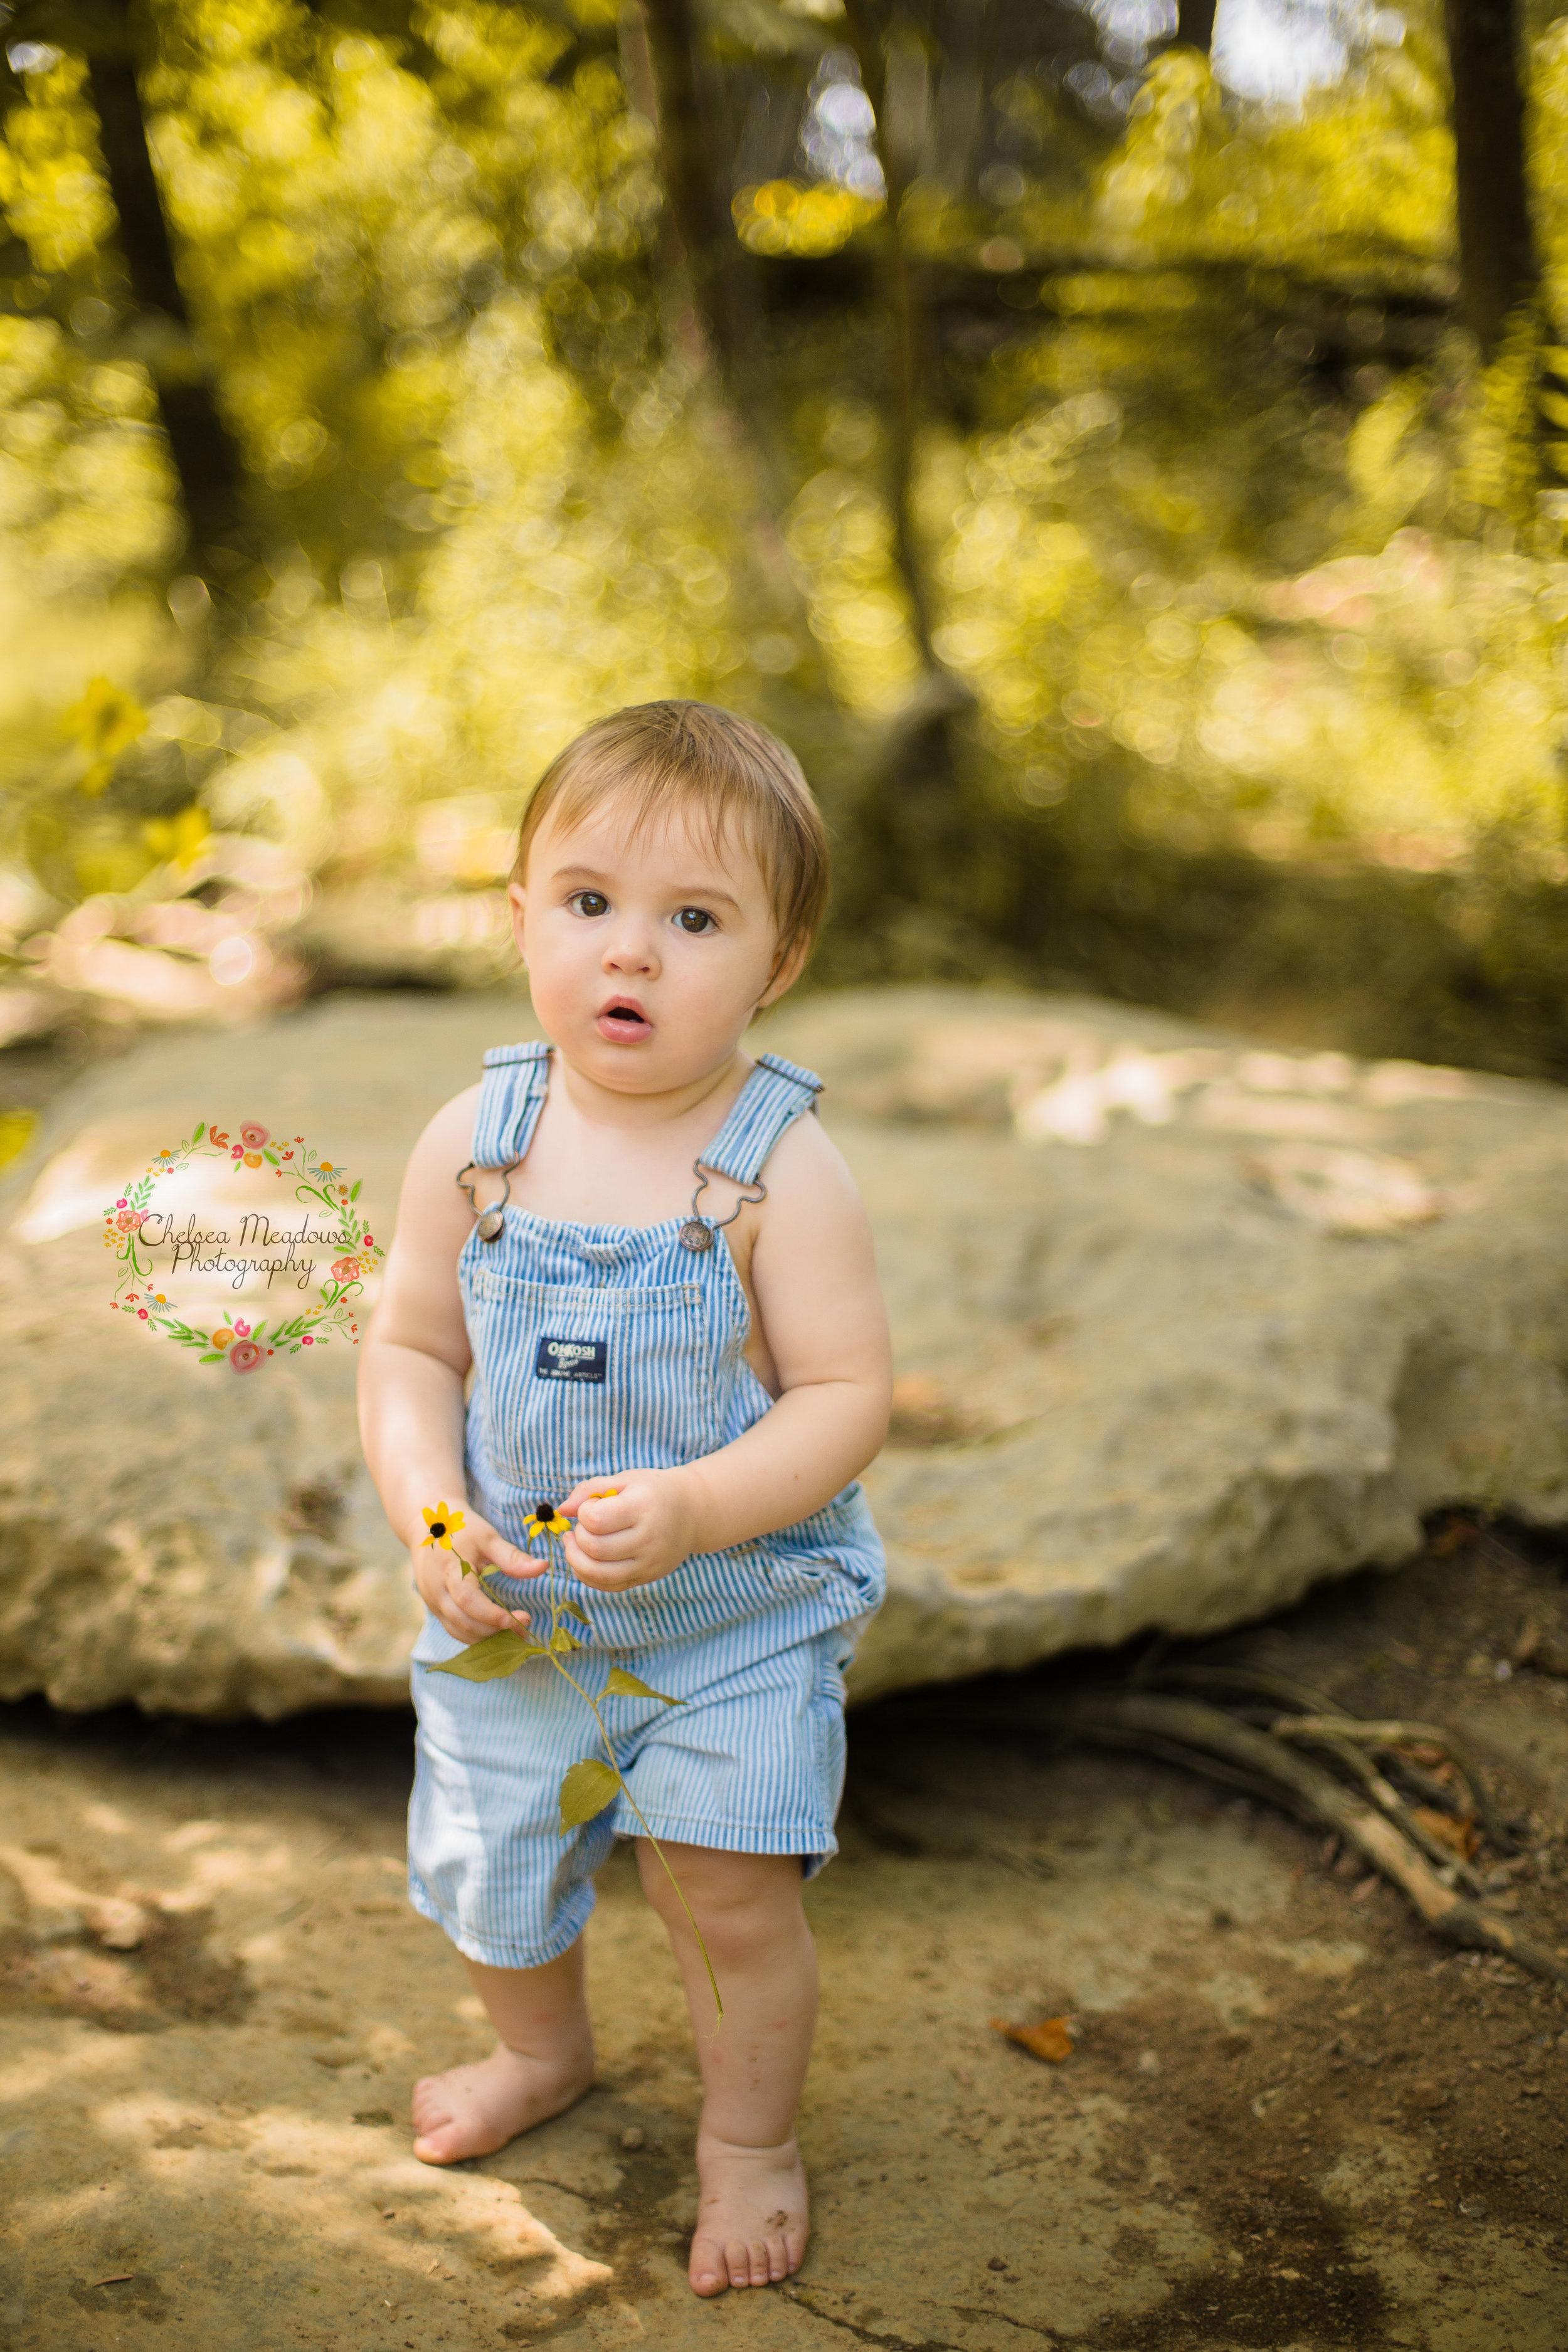 Rowans First Birthday - Nashville Family Photographer - Chelsea Meadows Photography (26).jpg